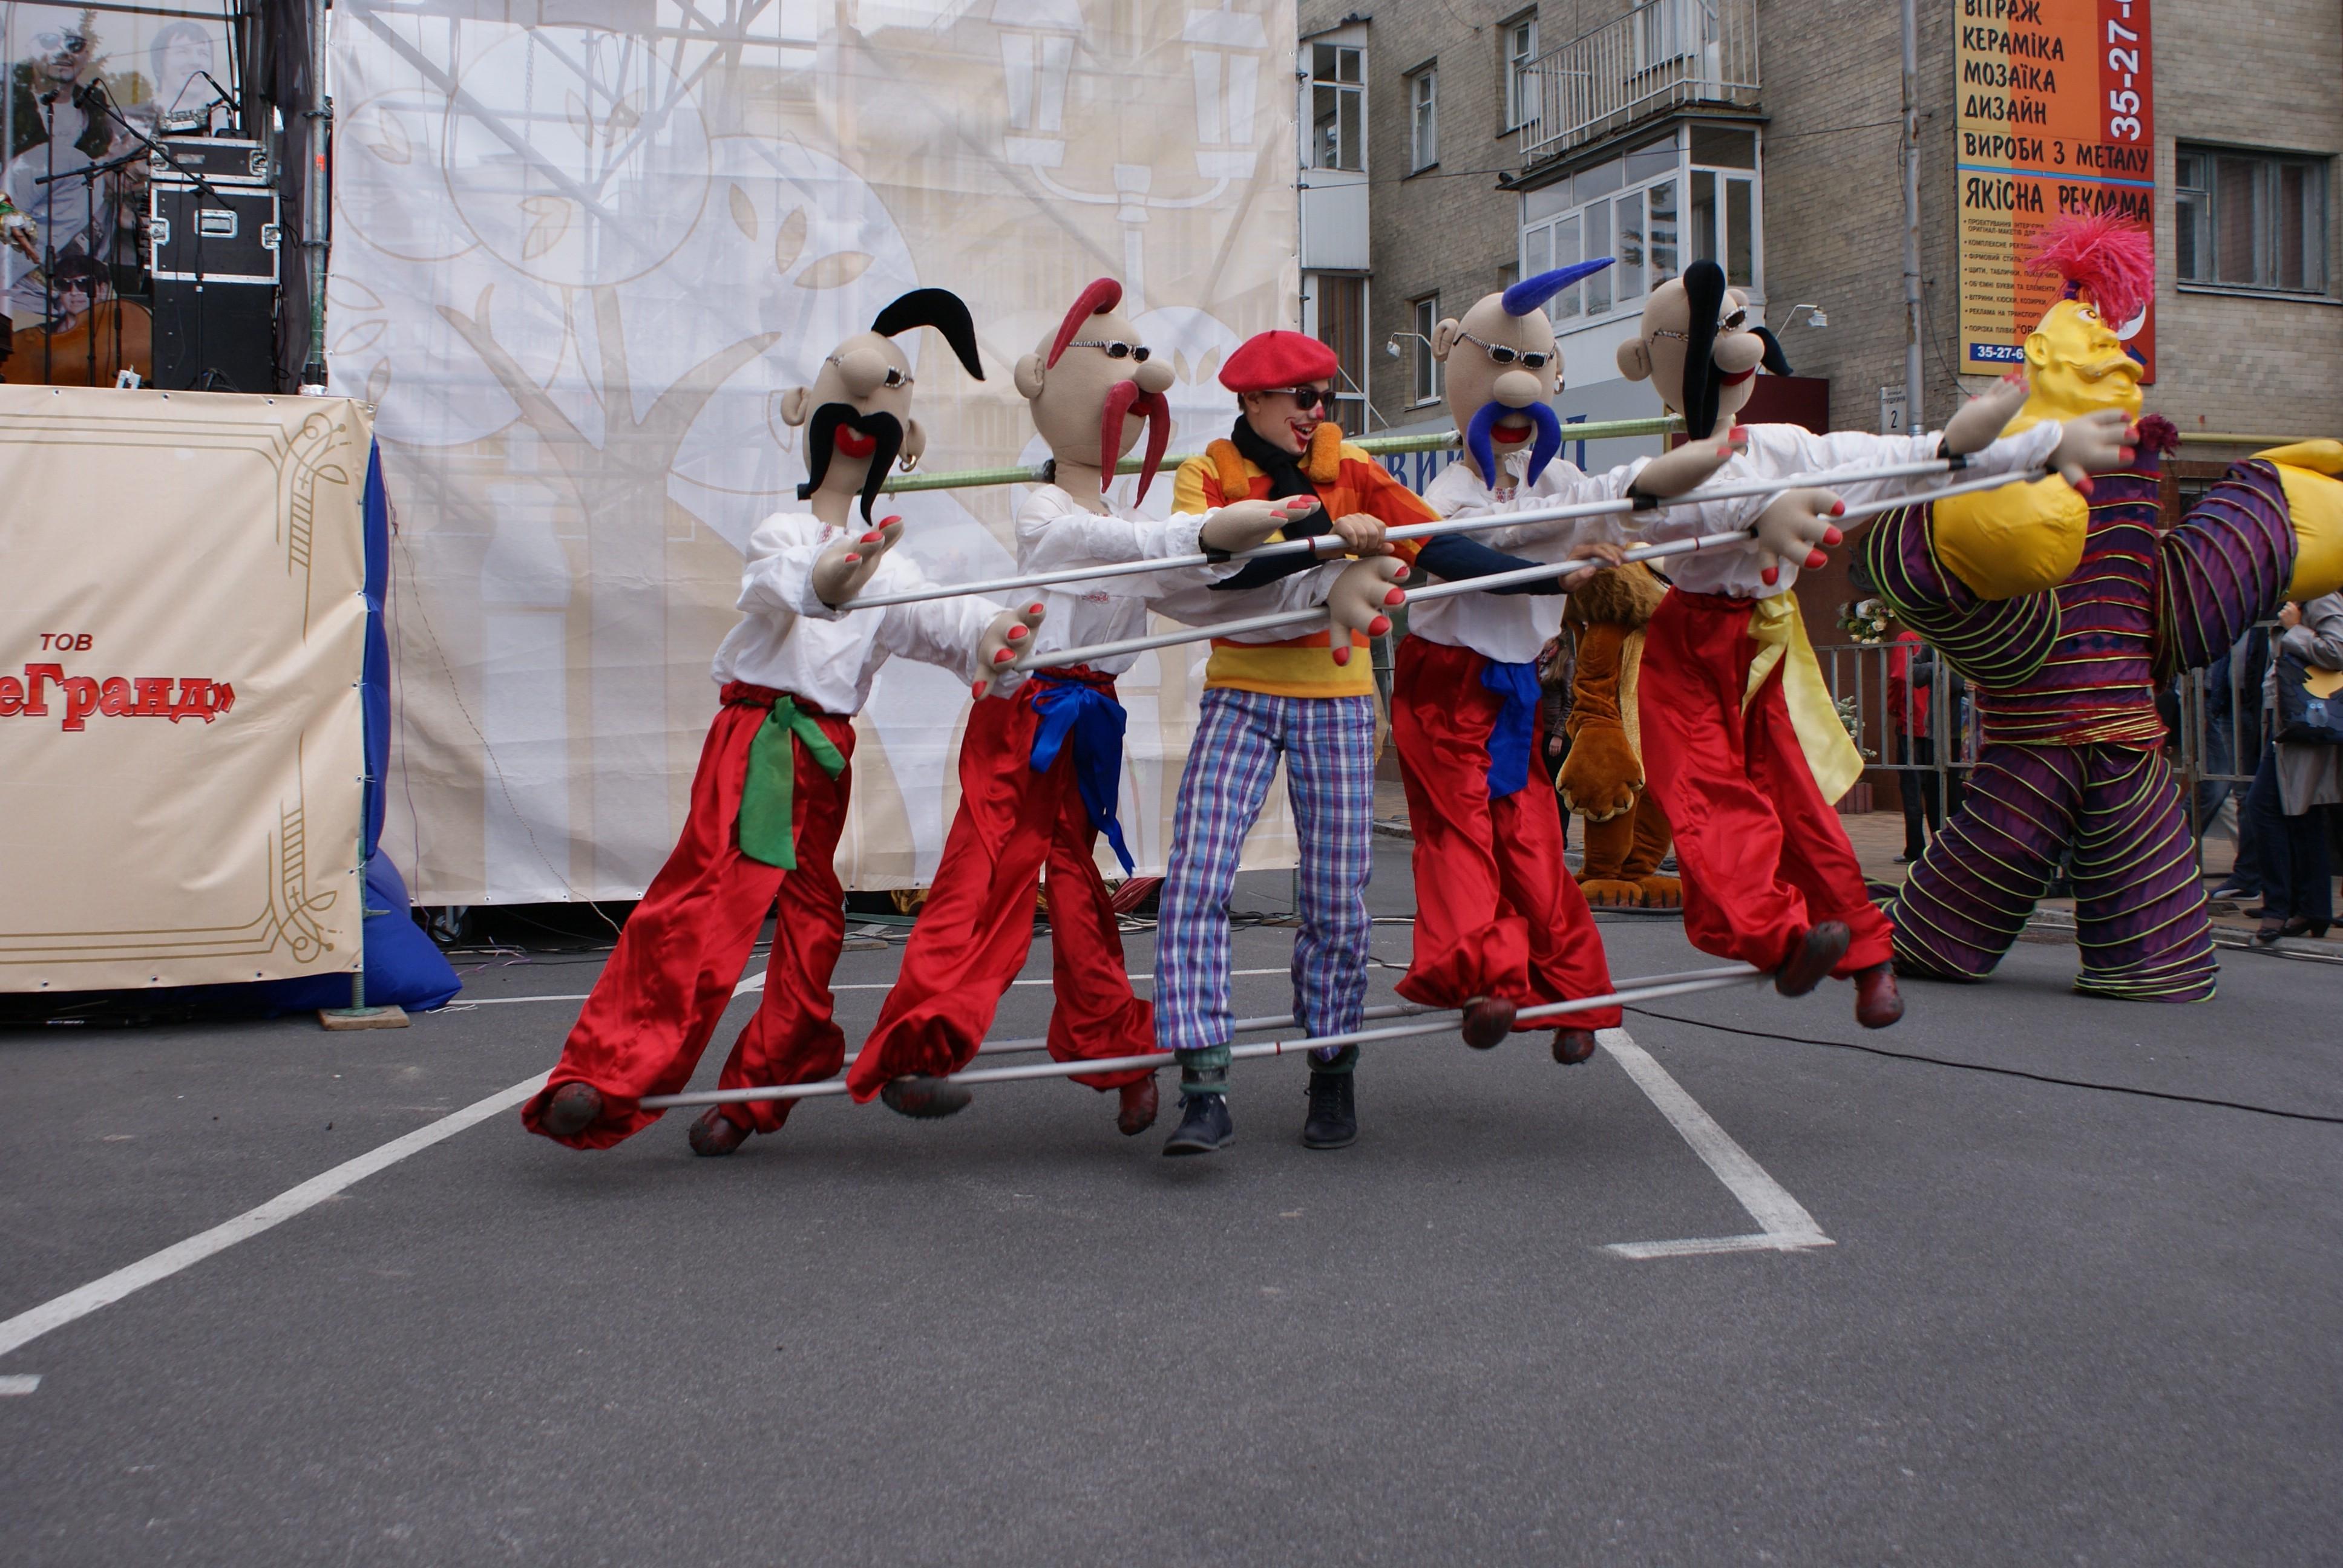 Найяскравіші моменти з святкування Дня міста Вінниці 2013 (Фоторепортаж)